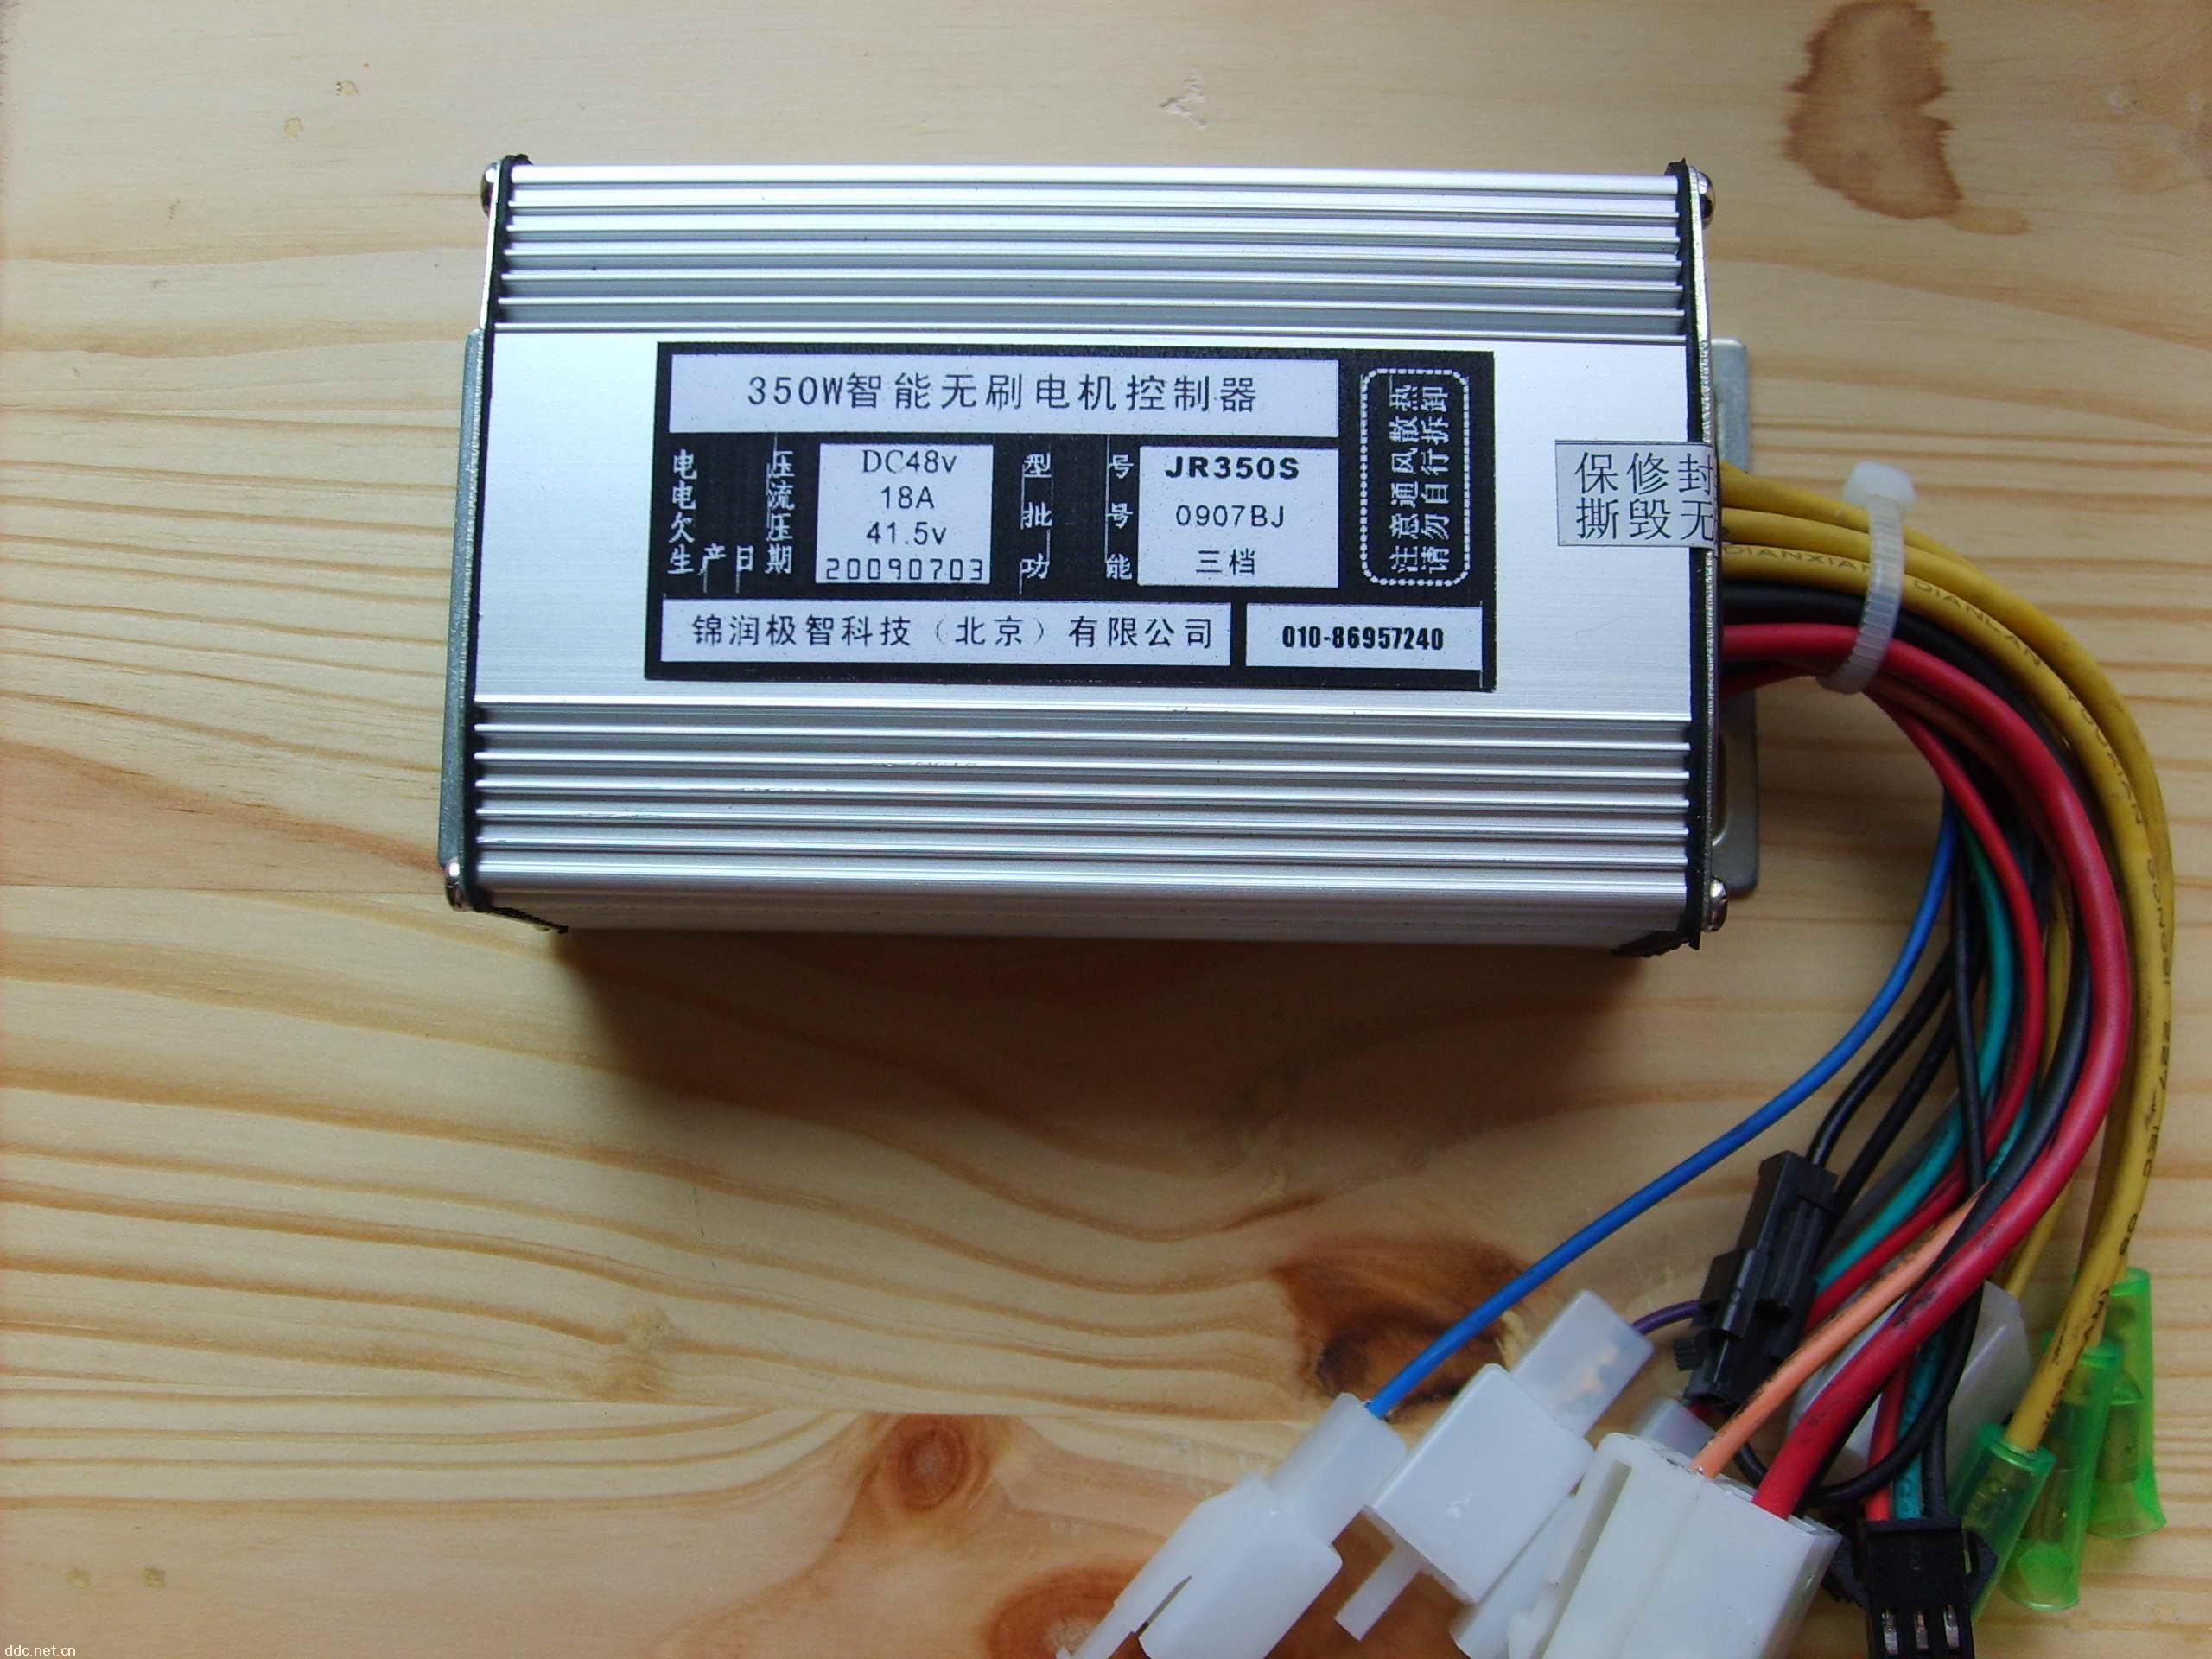 中国电动车网 产品中心 控制器 > jr350s